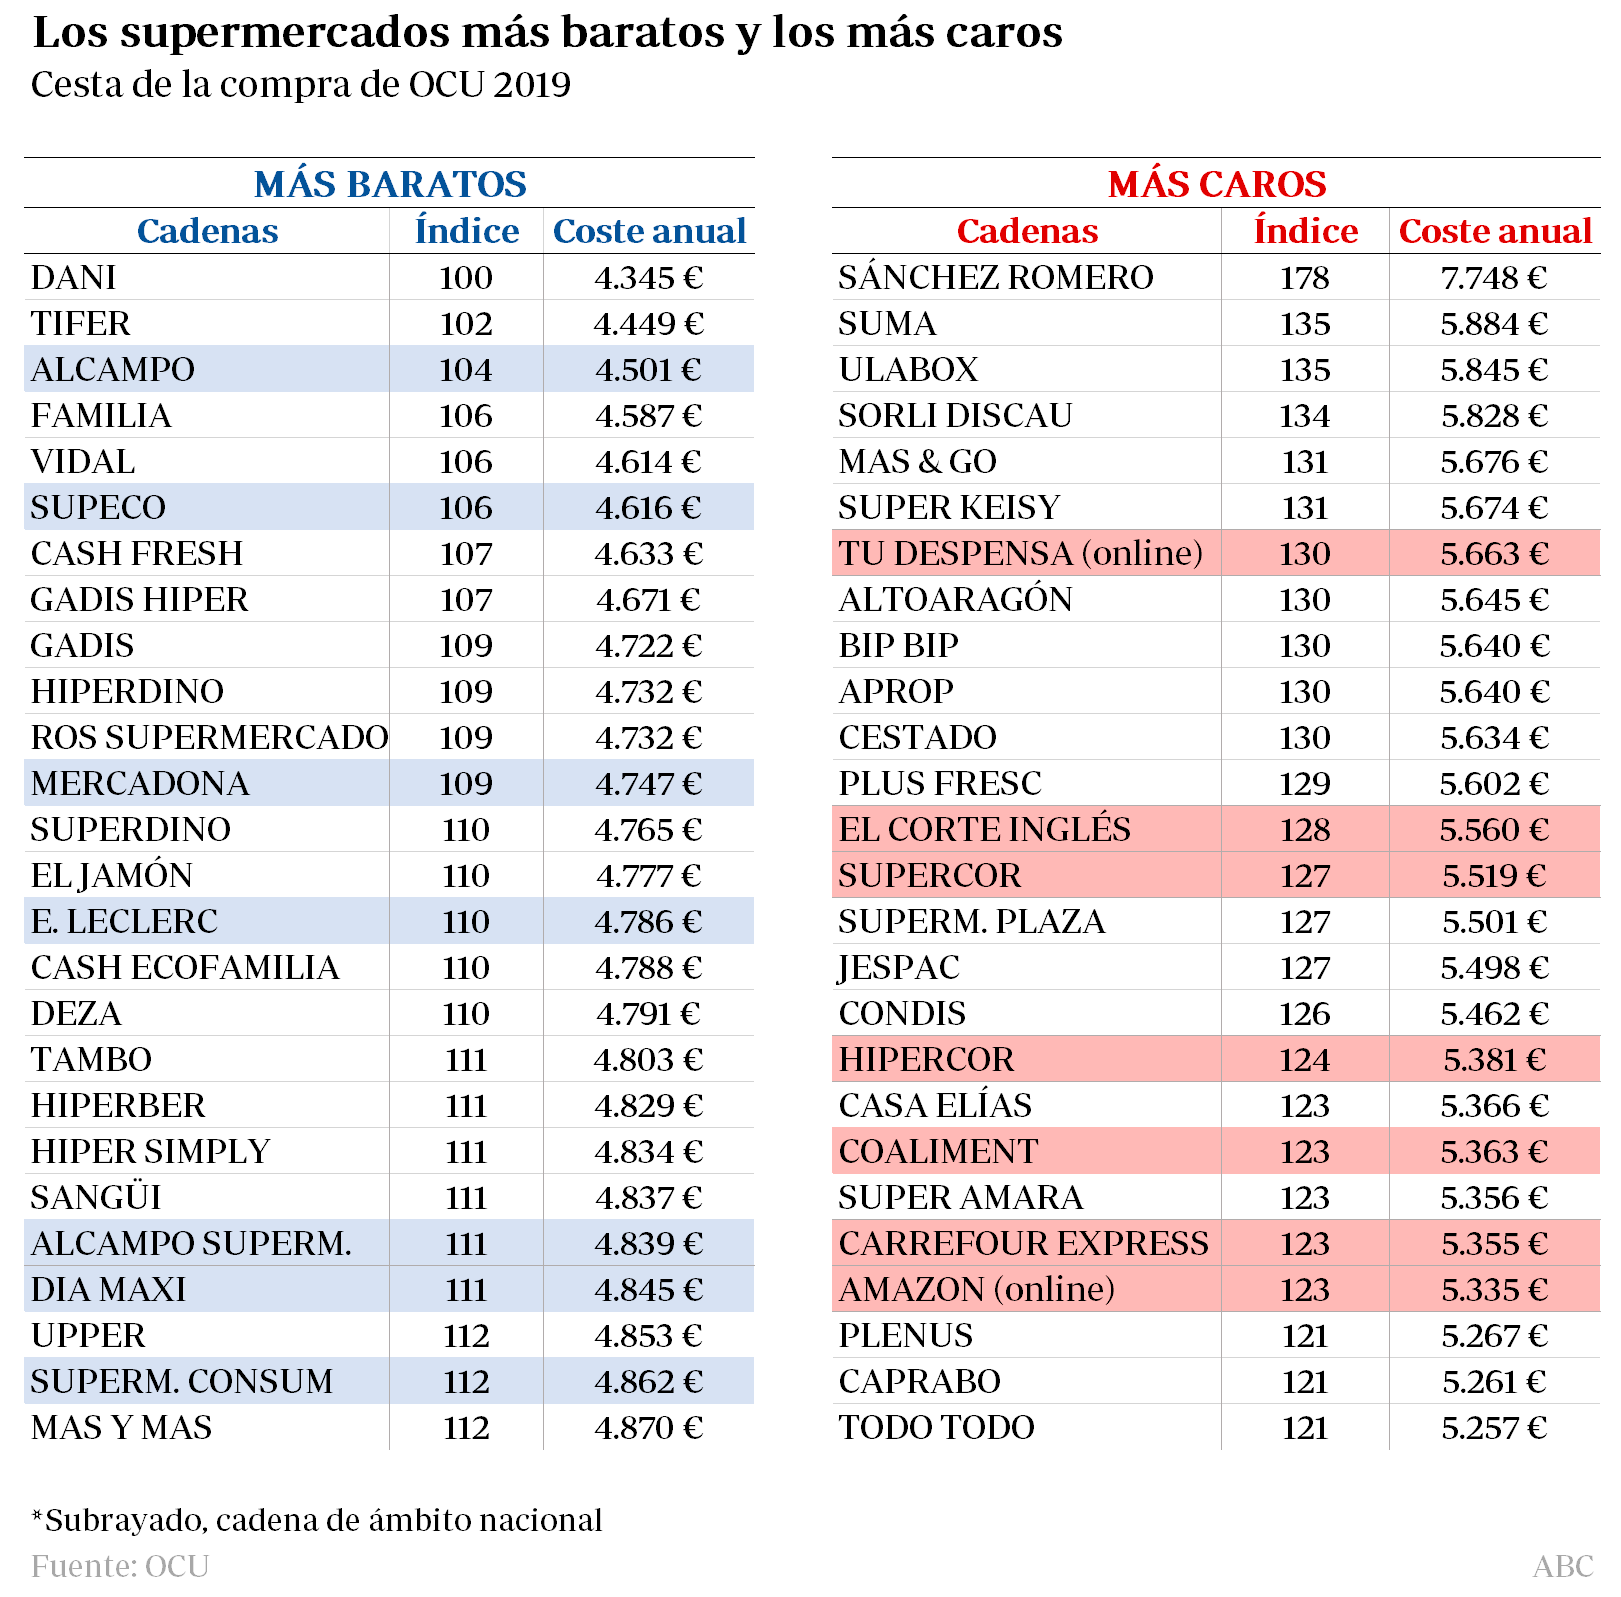 Los supermercados más baratos y los más caros, según la OCU